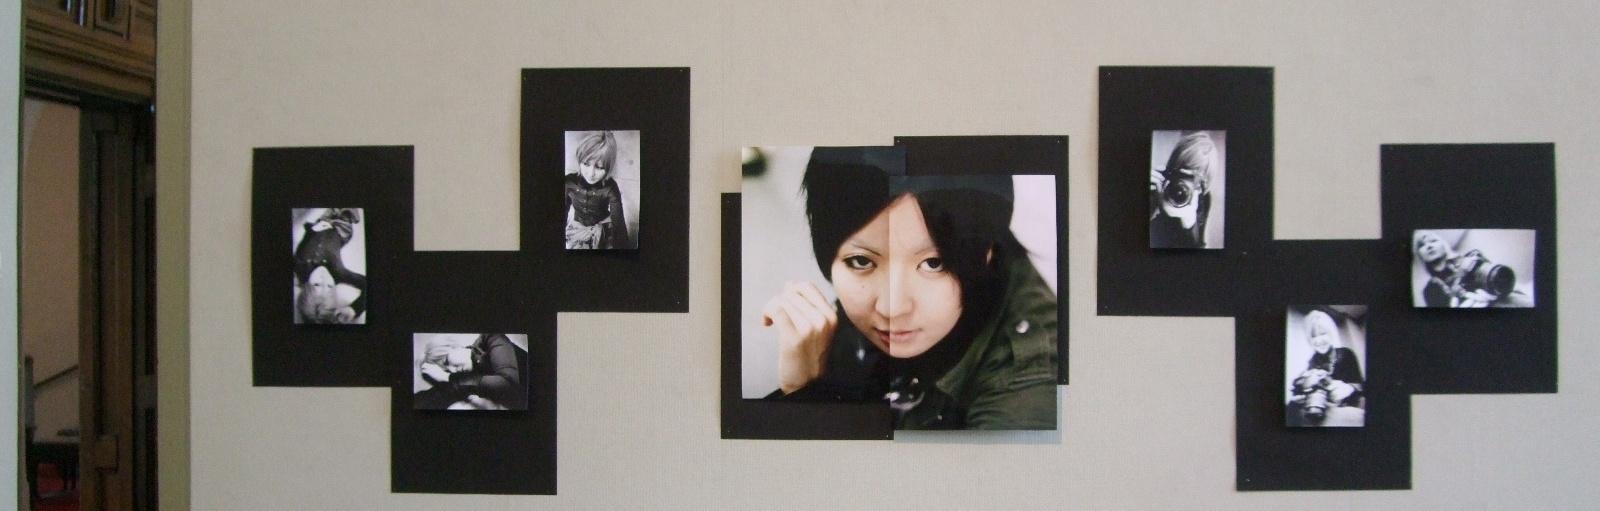 1252) 資料館 「藤女子大学写真部」 終了・3月9日(火)~3月14日(日)  _f0126829_11401295.jpg